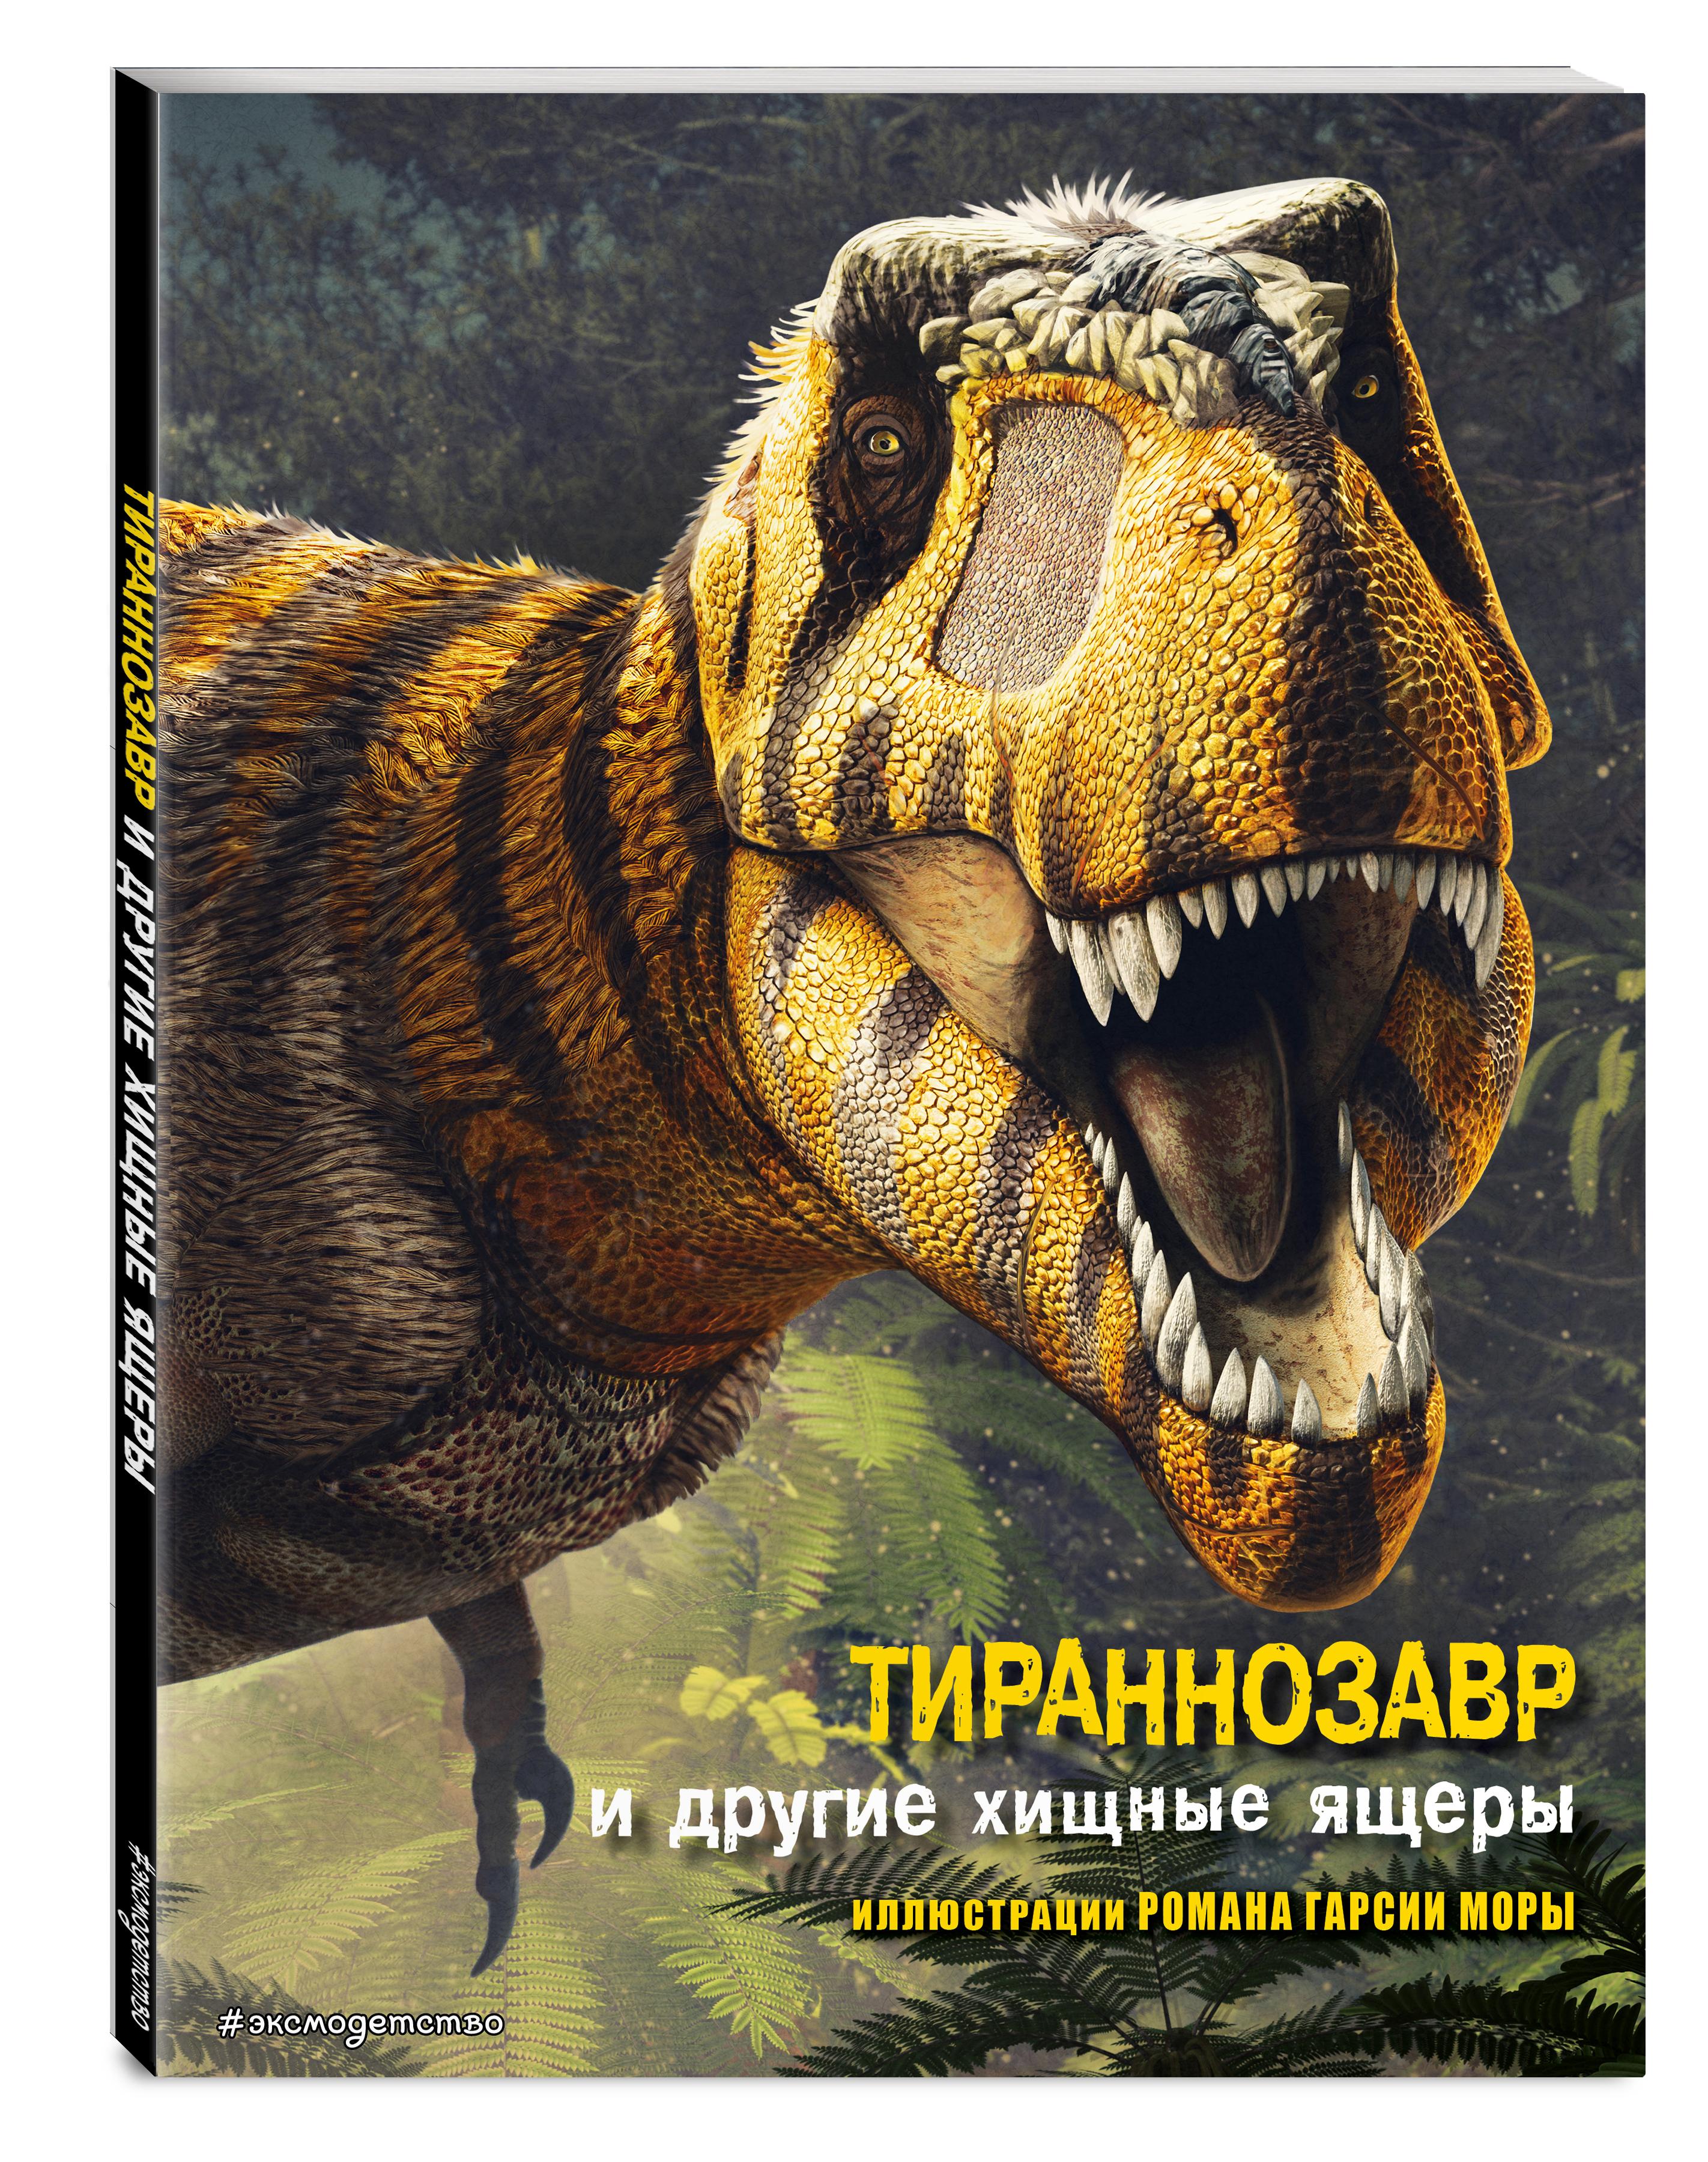 Тираннозавр и другие хищные ящеры ( Брилланте Джузеппе, Чесса Анна  )